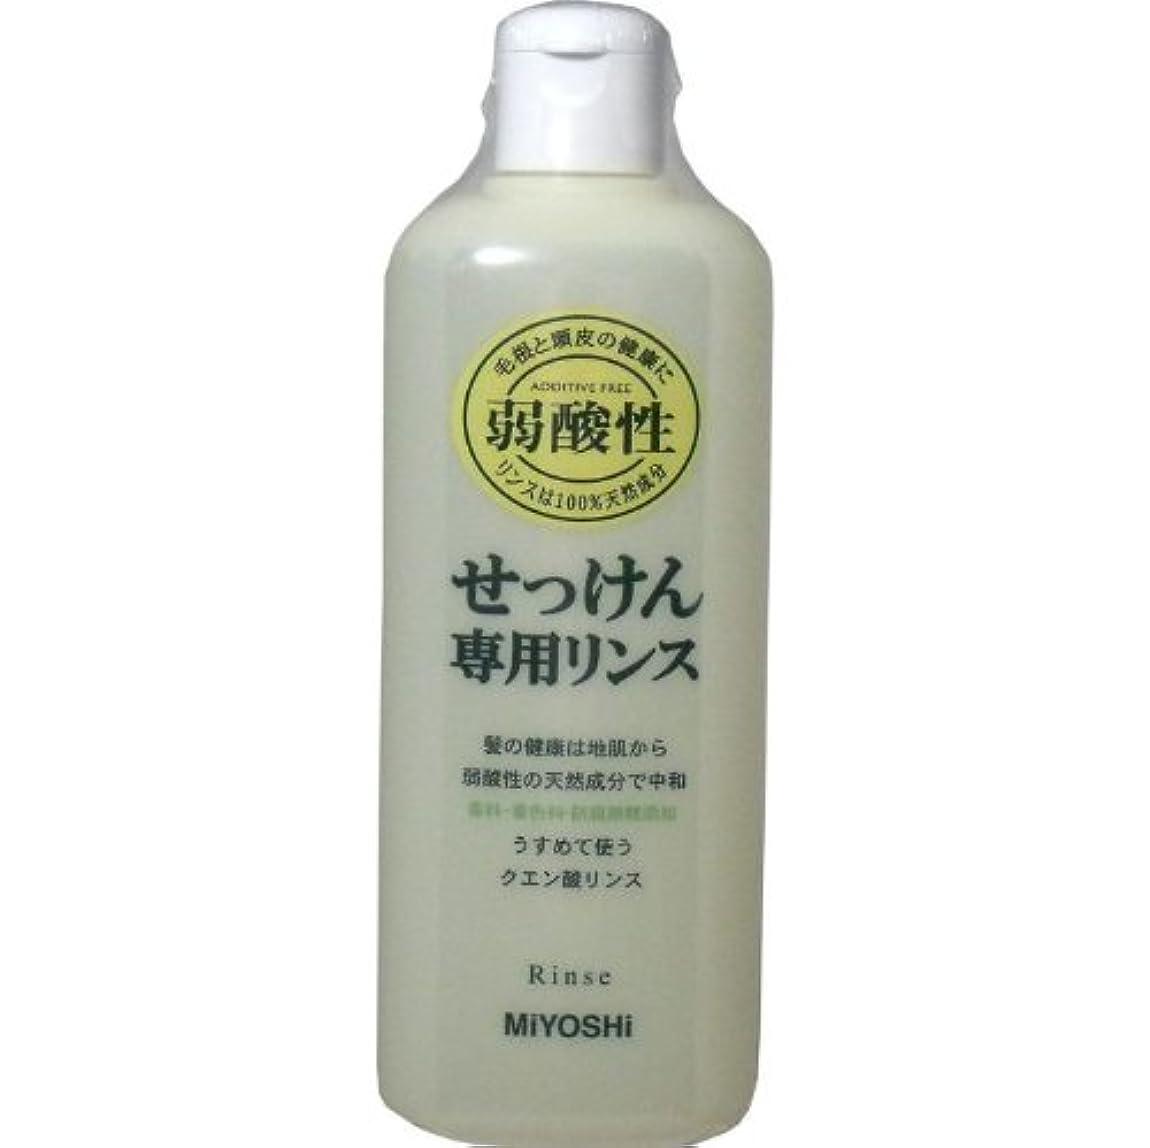 減らすモンゴメリー革新髪の健康は地肌から、弱酸性の天然成分で中和!!香料、防腐剤、着色料無添加!うすめて使うクエン酸リンス!リンス 350mL【4個セット】